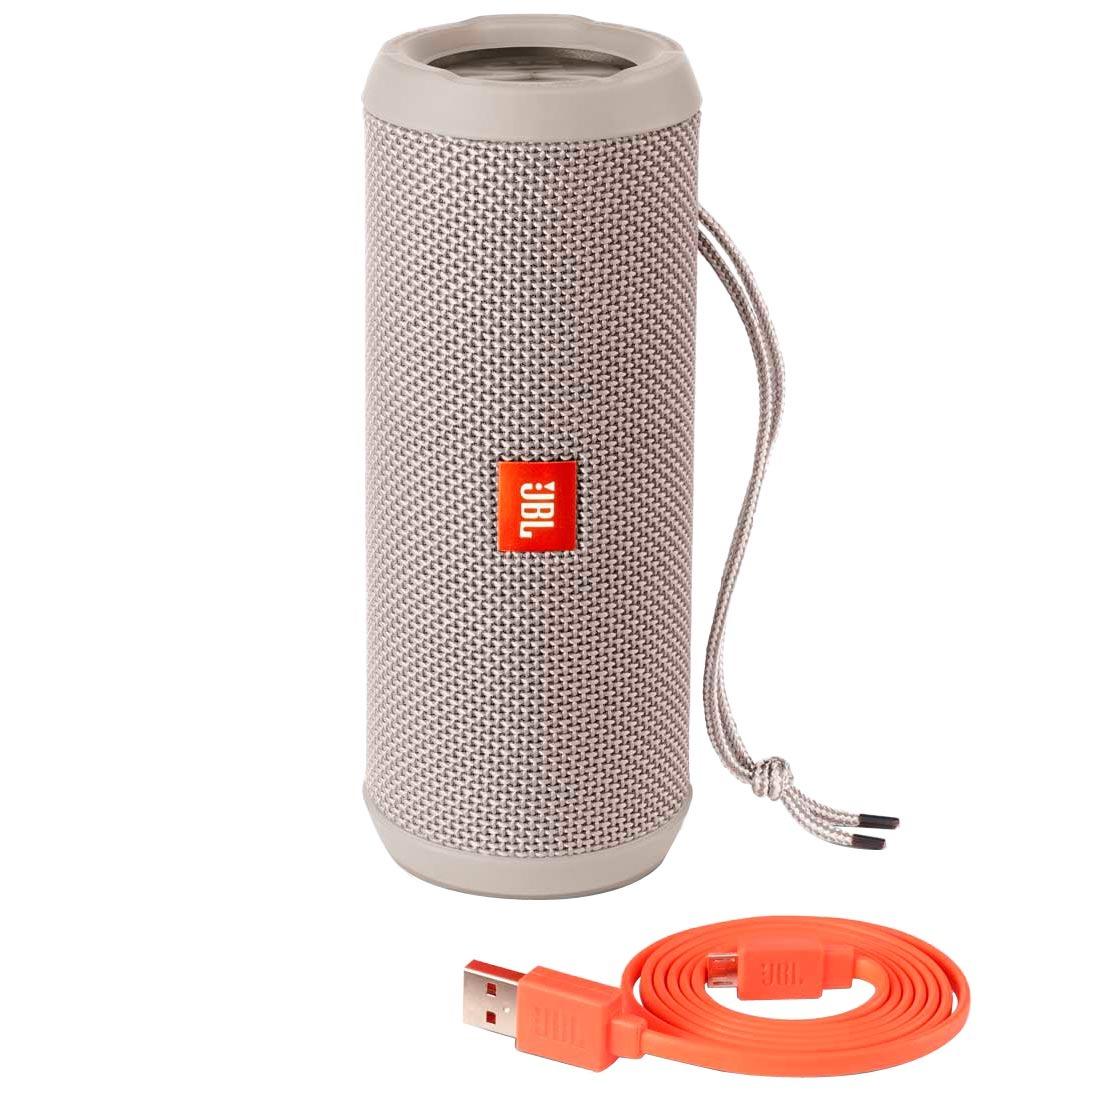 Caixa Som Flip3 Bluetooth Cinza Jbl